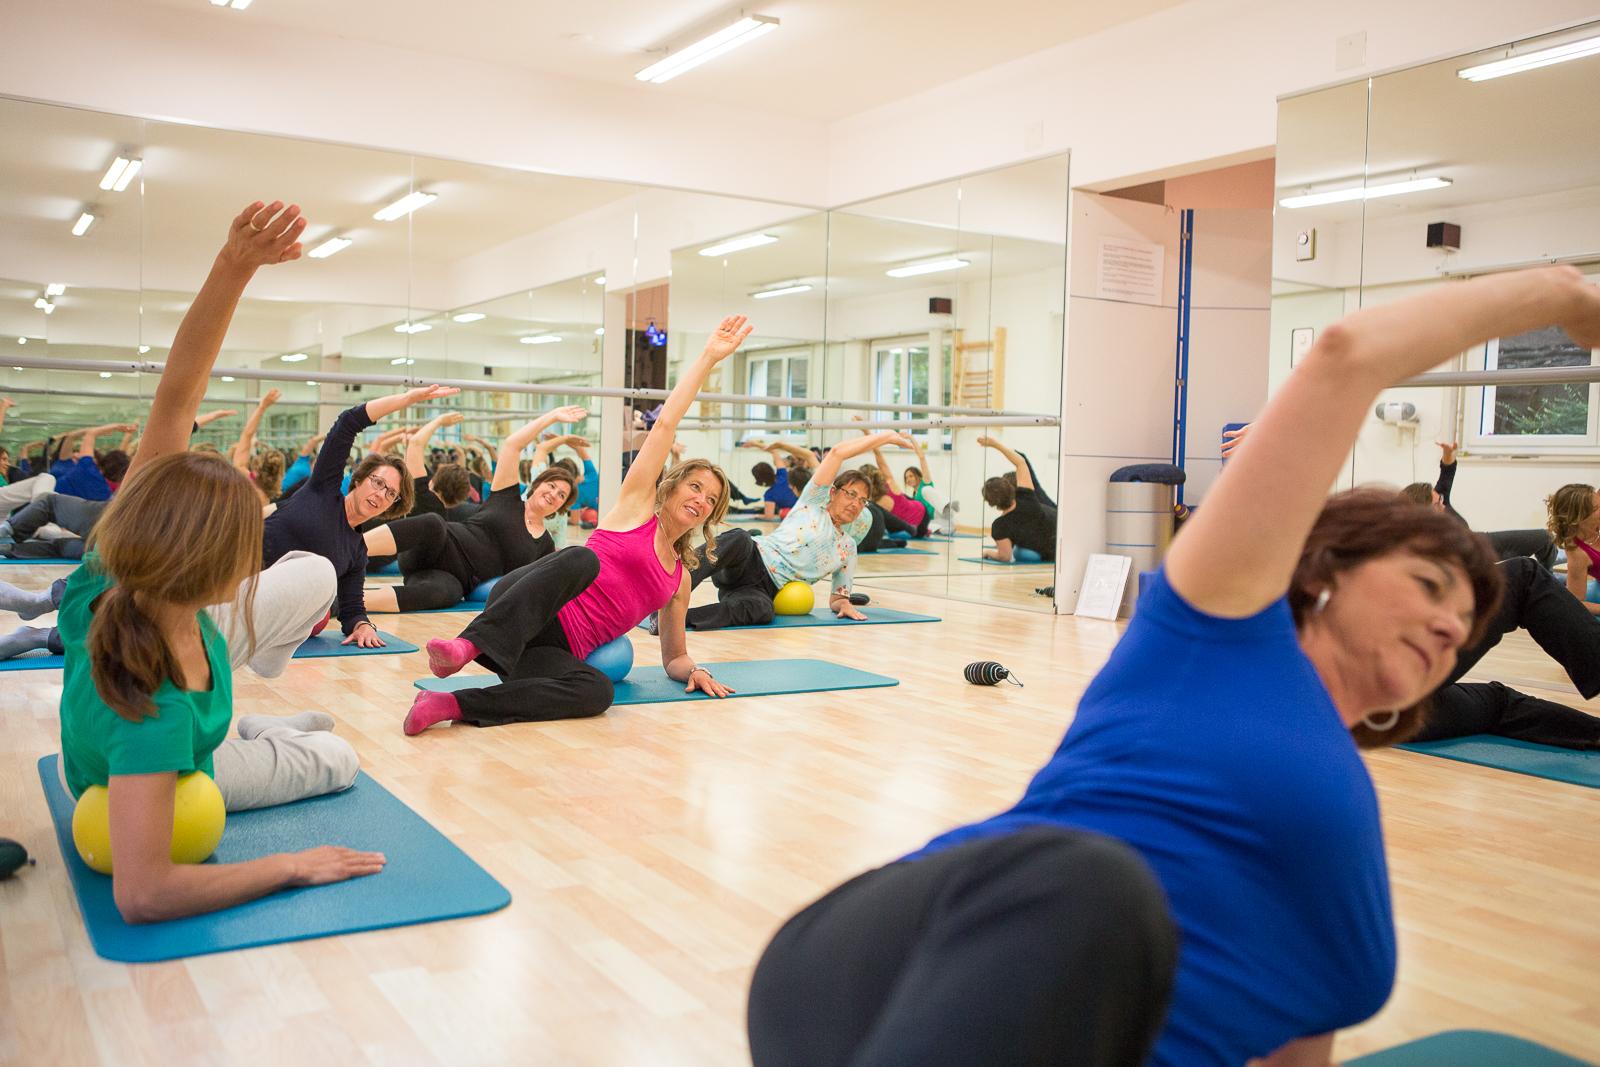 Développement postural Rivieira